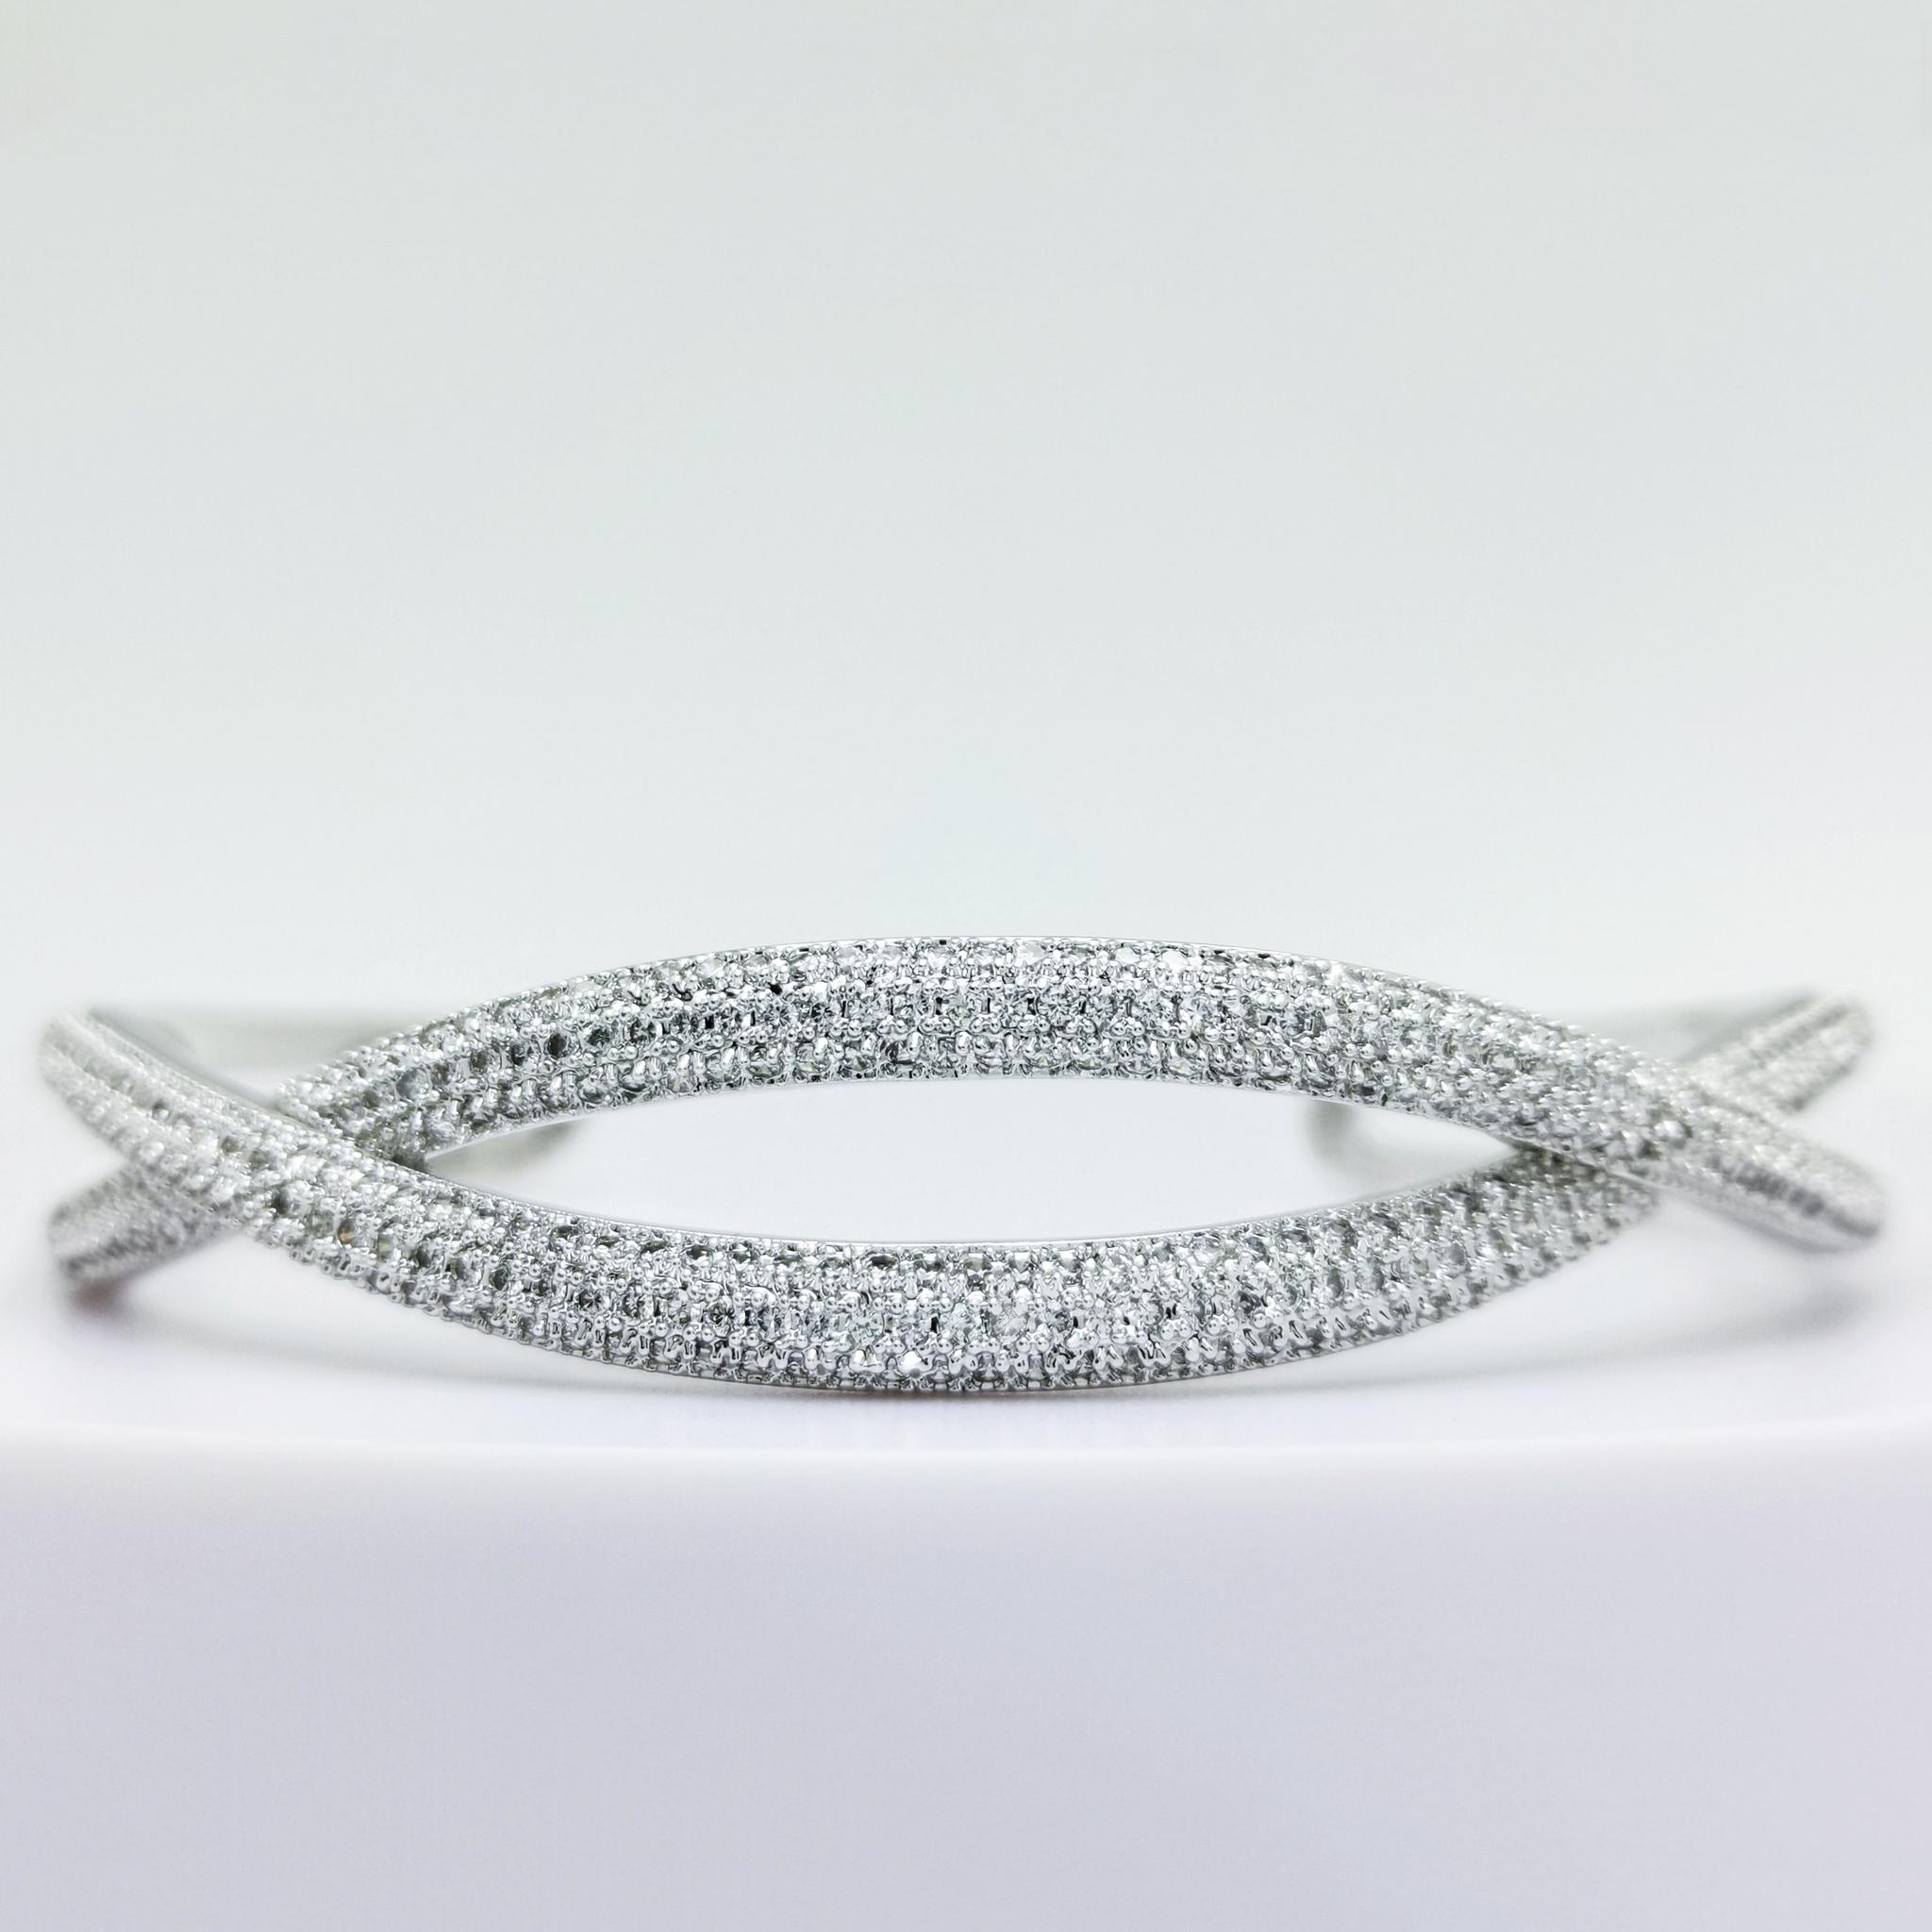 Symmetry Smooth Armband bild 2 är en Elegant, tidlös, och modern accessoar. Otroligt Vacker design av SWEVALI för alla tillfälle. Smycken är av hög kvalité Stainless Steel. Passar perfekt för damer so